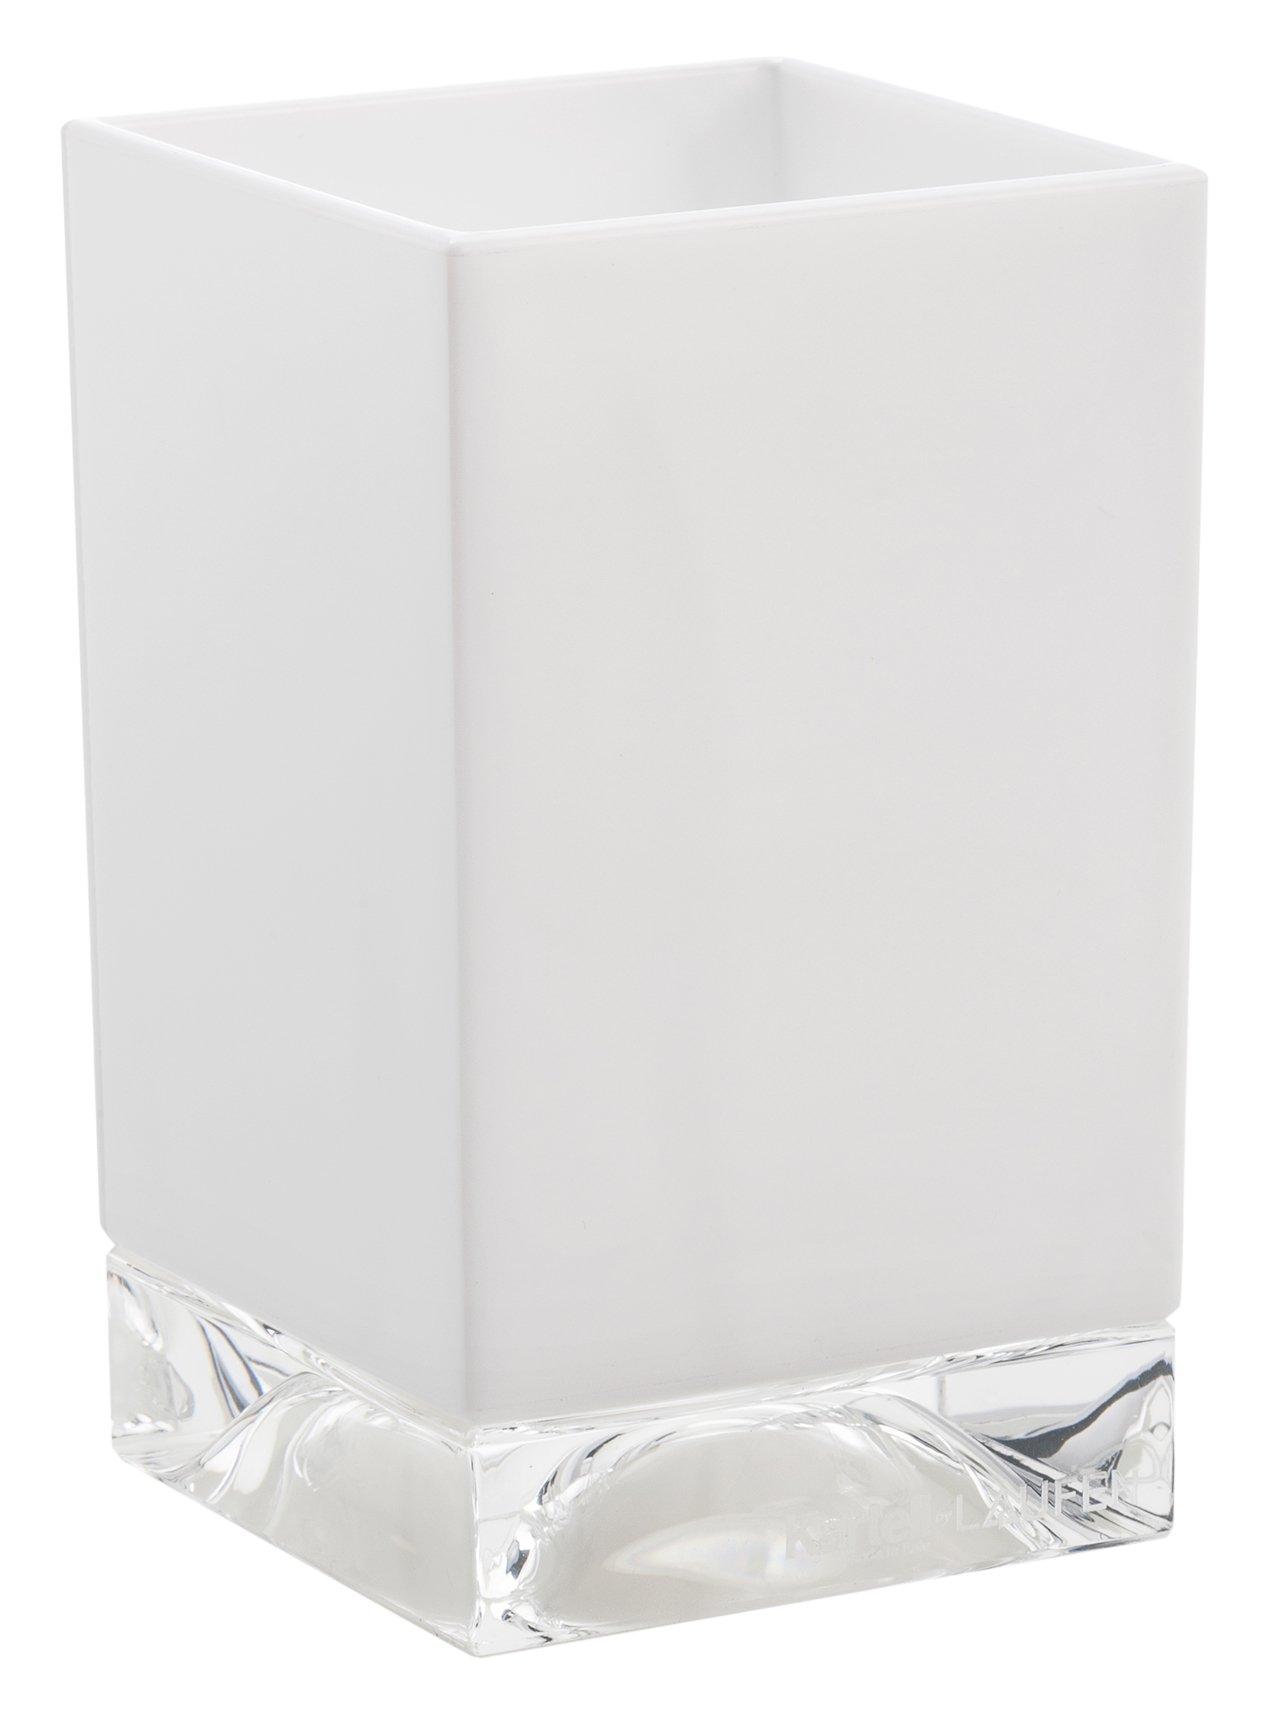 Kartell Boxy Toothbrush Holder, White, 7.3 x 7.3 x 12 cm